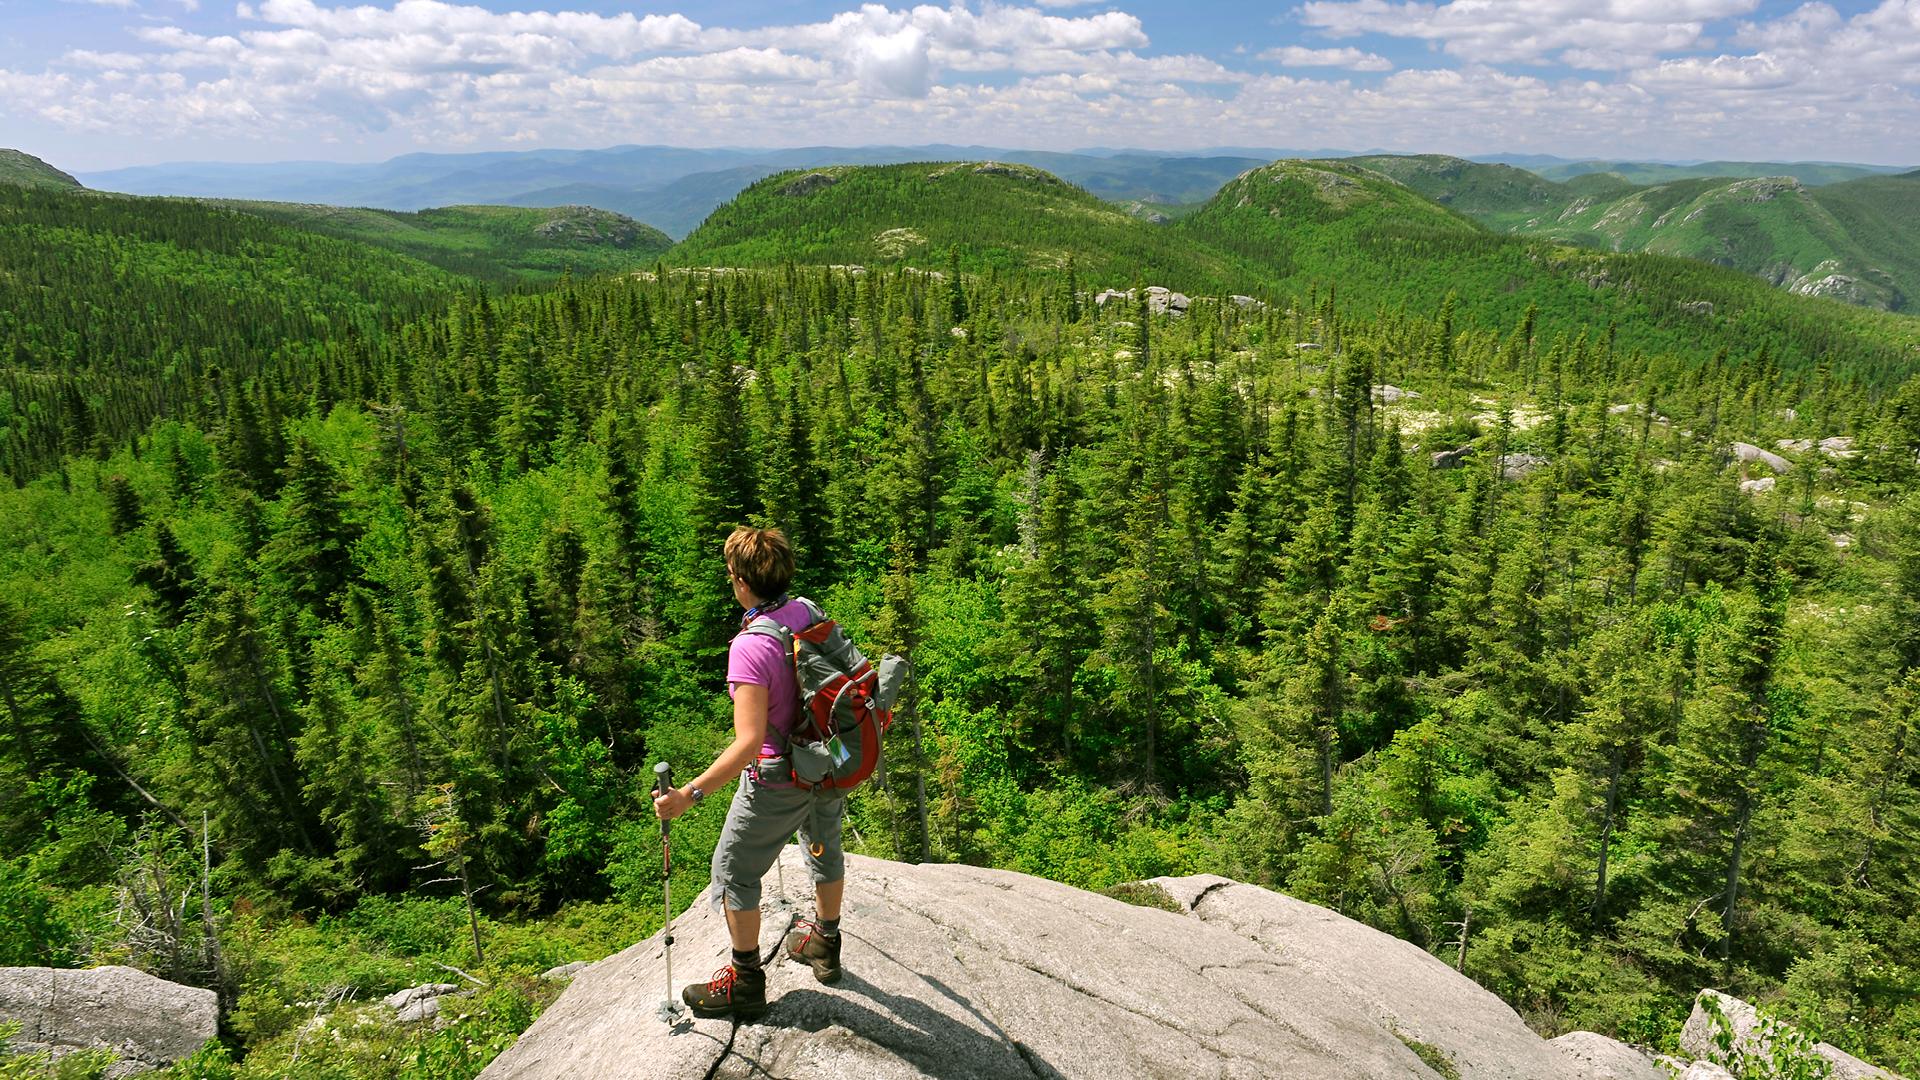 10 conseils pour profiter de la nature… sans lui nuire